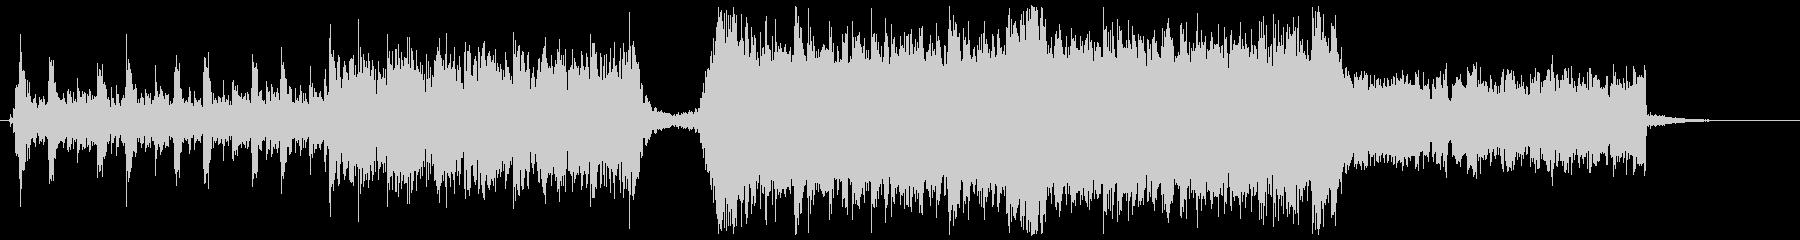 劇伴 ロック オーケストラ 60秒版の未再生の波形